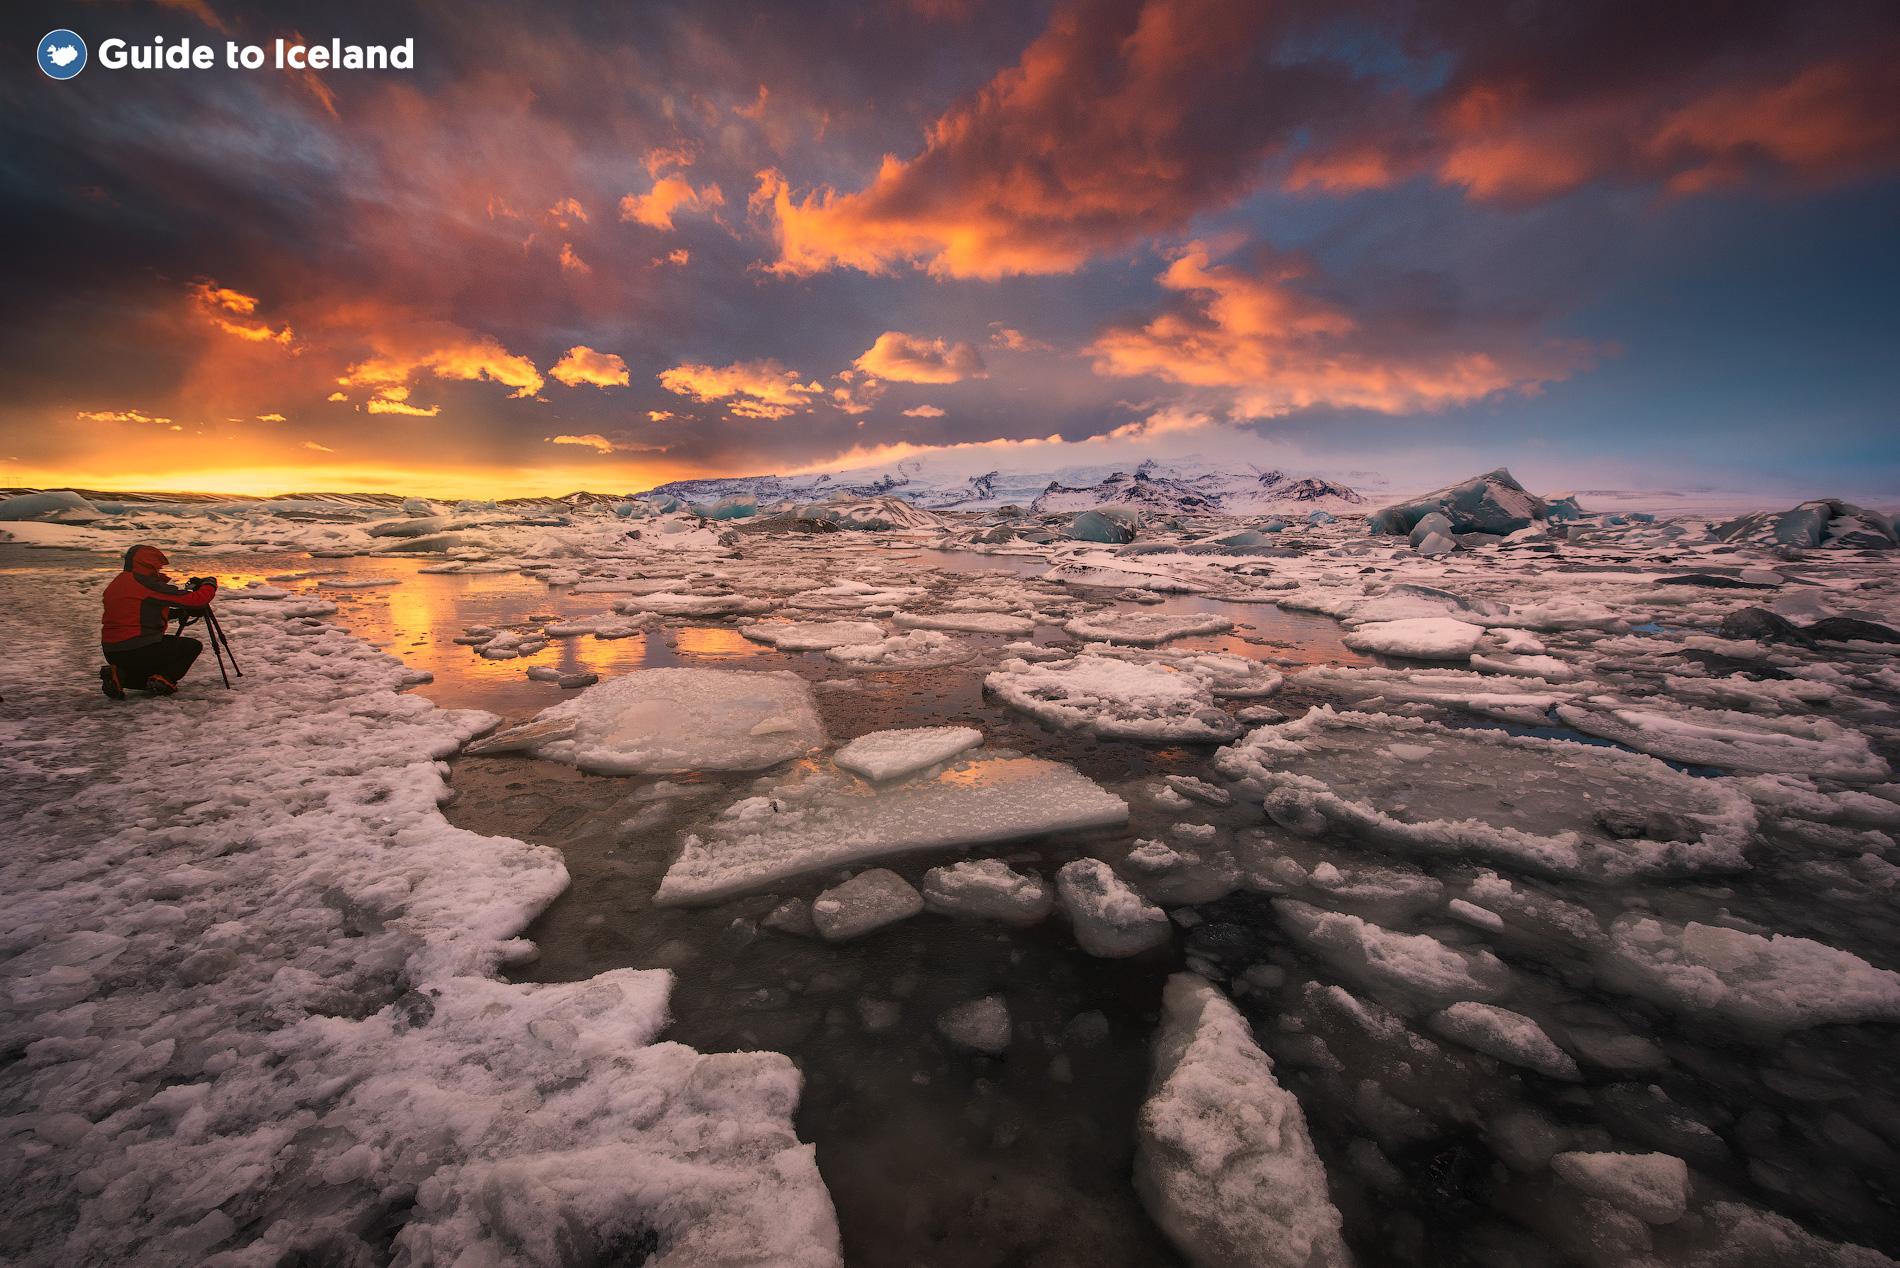 ภูเขาน้ำแข็งอันงดงามที่ทะเลสาบธารน้ำแข็งโจกุลซาลอนเคลื่อนตัวออกสู่ทะเล